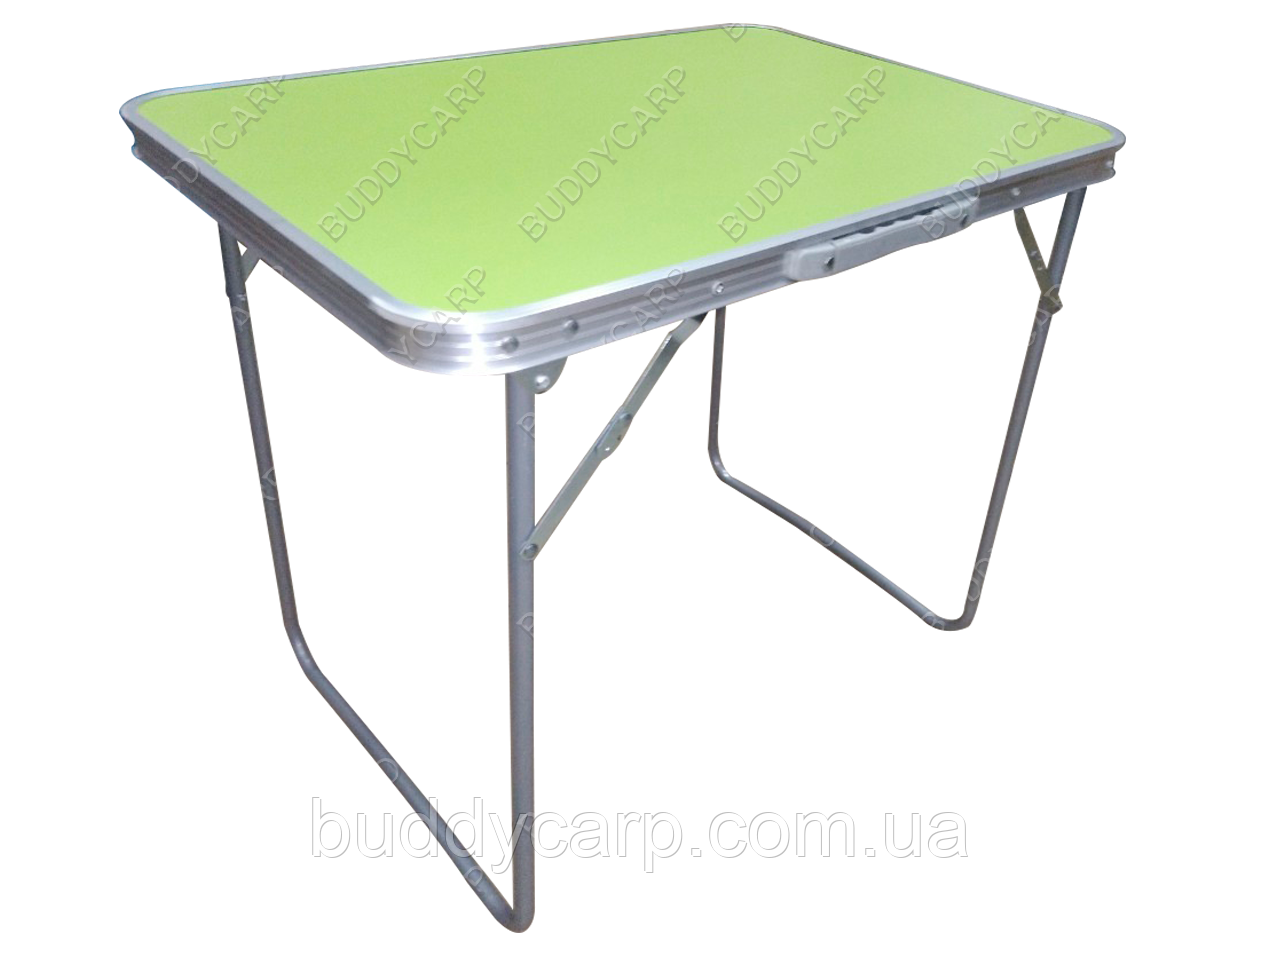 Столик складной алюминиевый 70*50*60 см